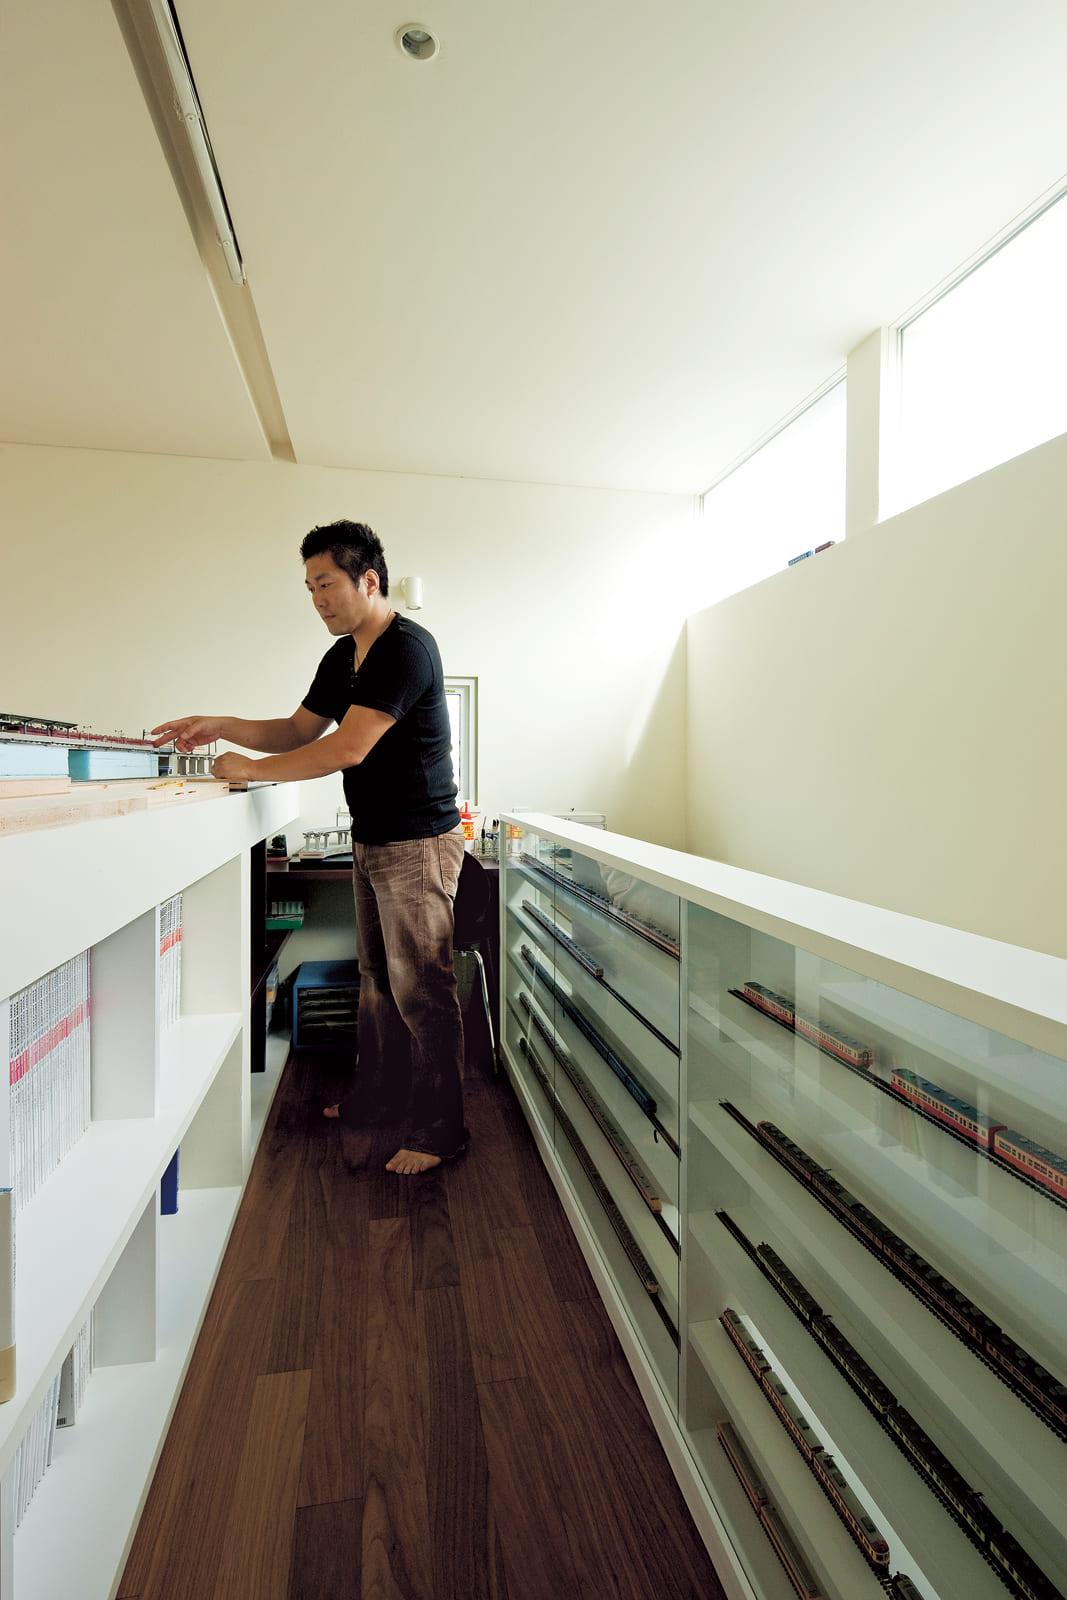 両サイドに豊富な収納を確保。模型の制作作業ができるデスクも完備しているホビースペース